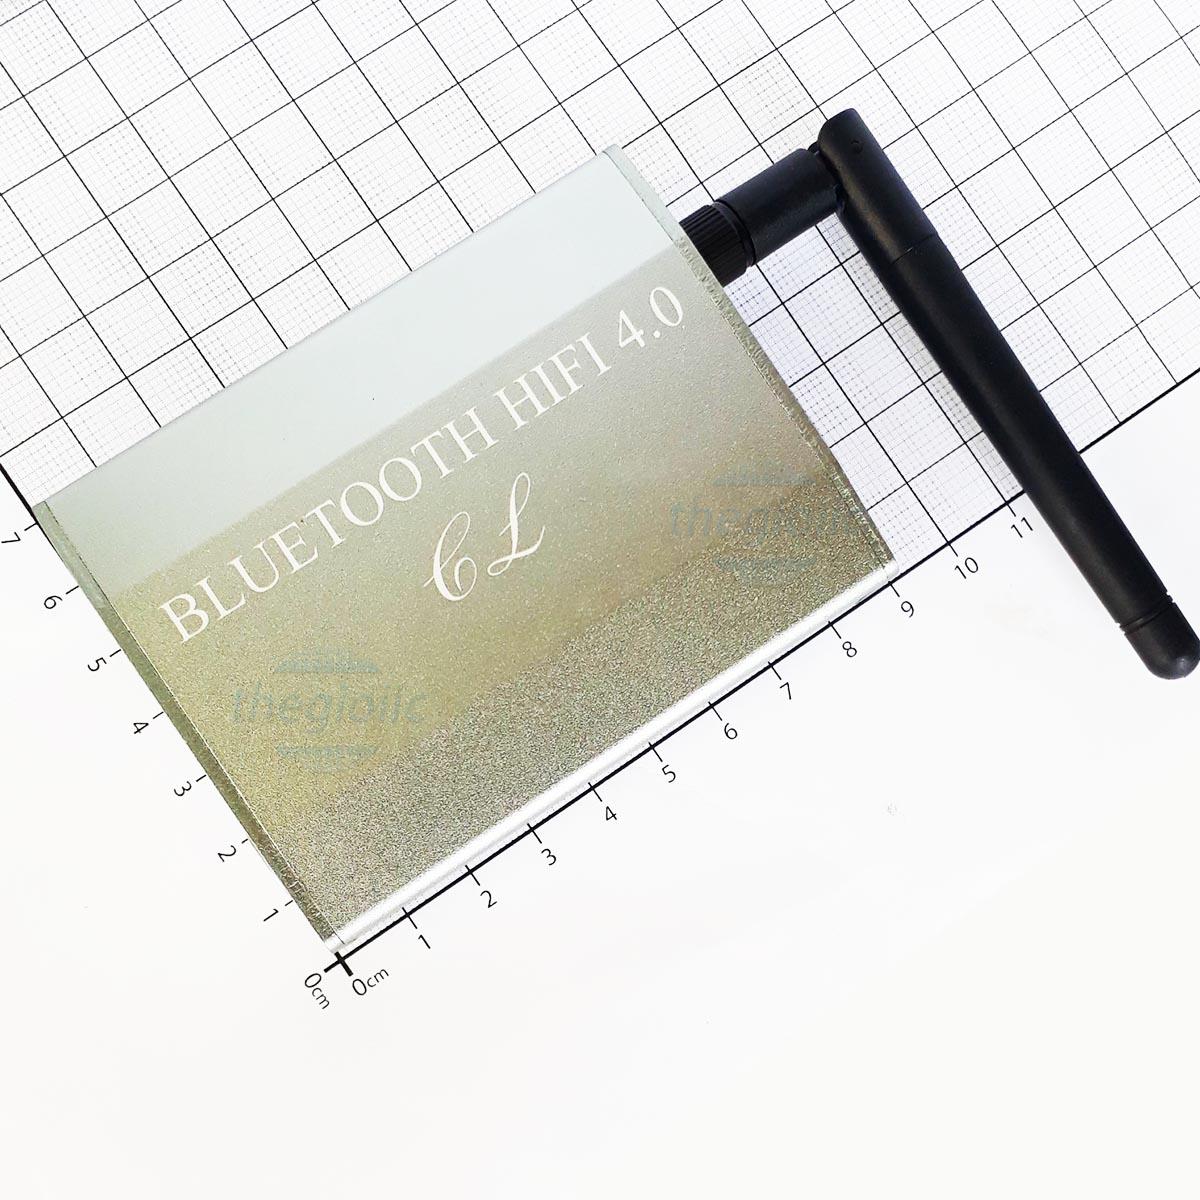 Bộ Thu Phát Audio Bluetooth 4.0 CL CSR86